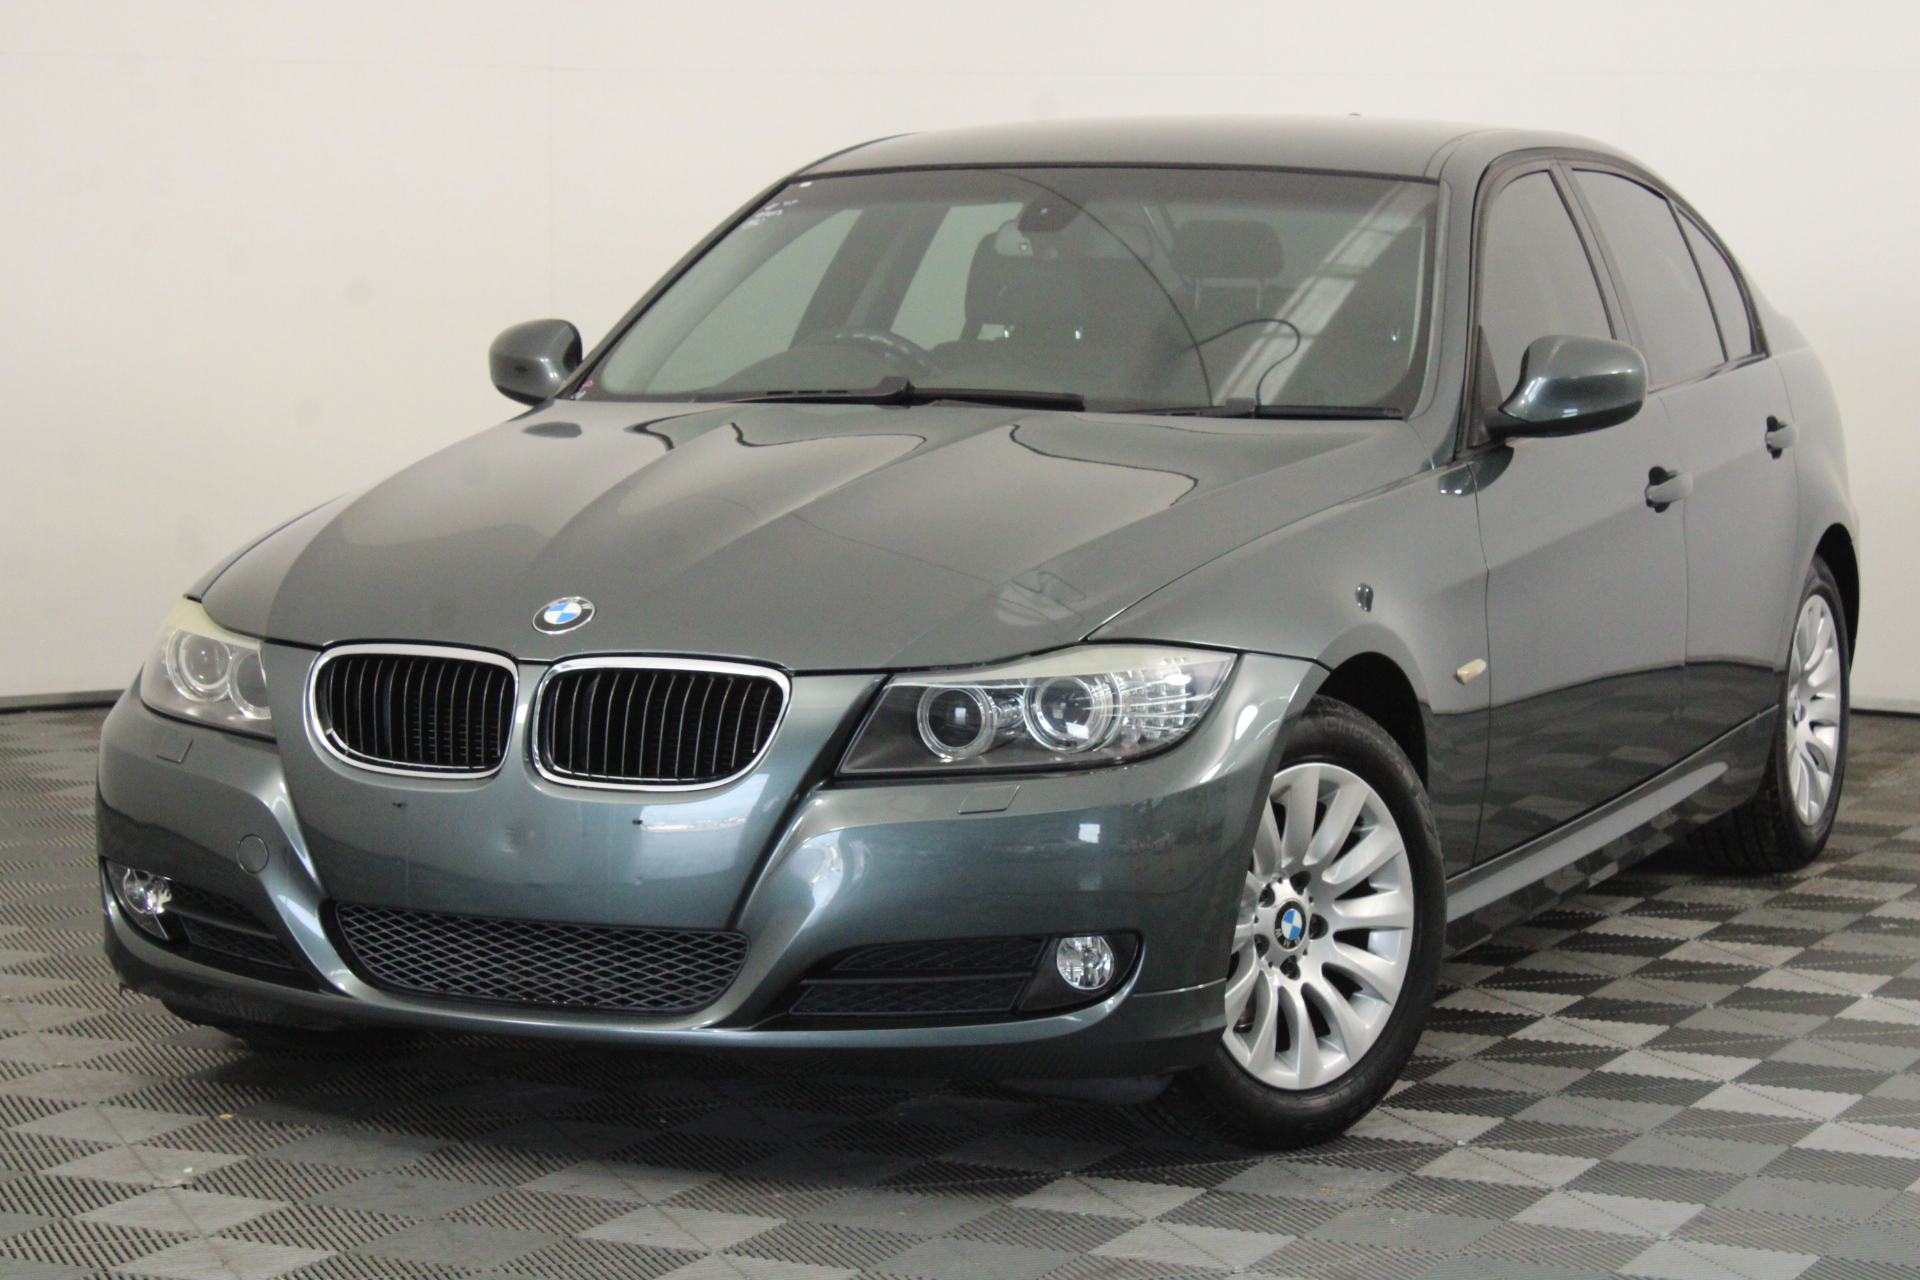 2009 BMW 3 20i Executive E90 Automatic Sedan